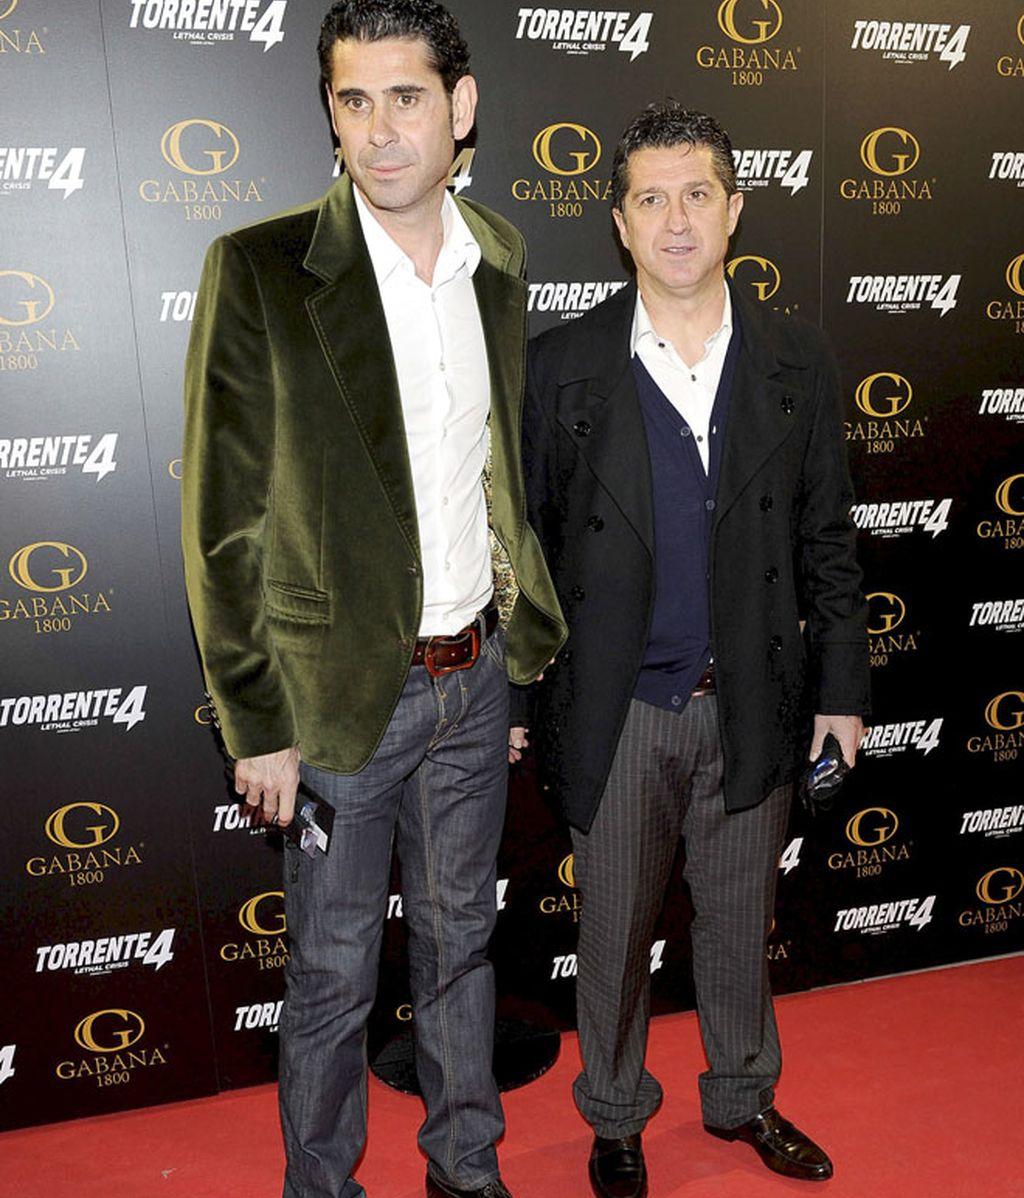 Éxito total: hasta la Pantoja estuvo en el estreno de 'Torrente 4'